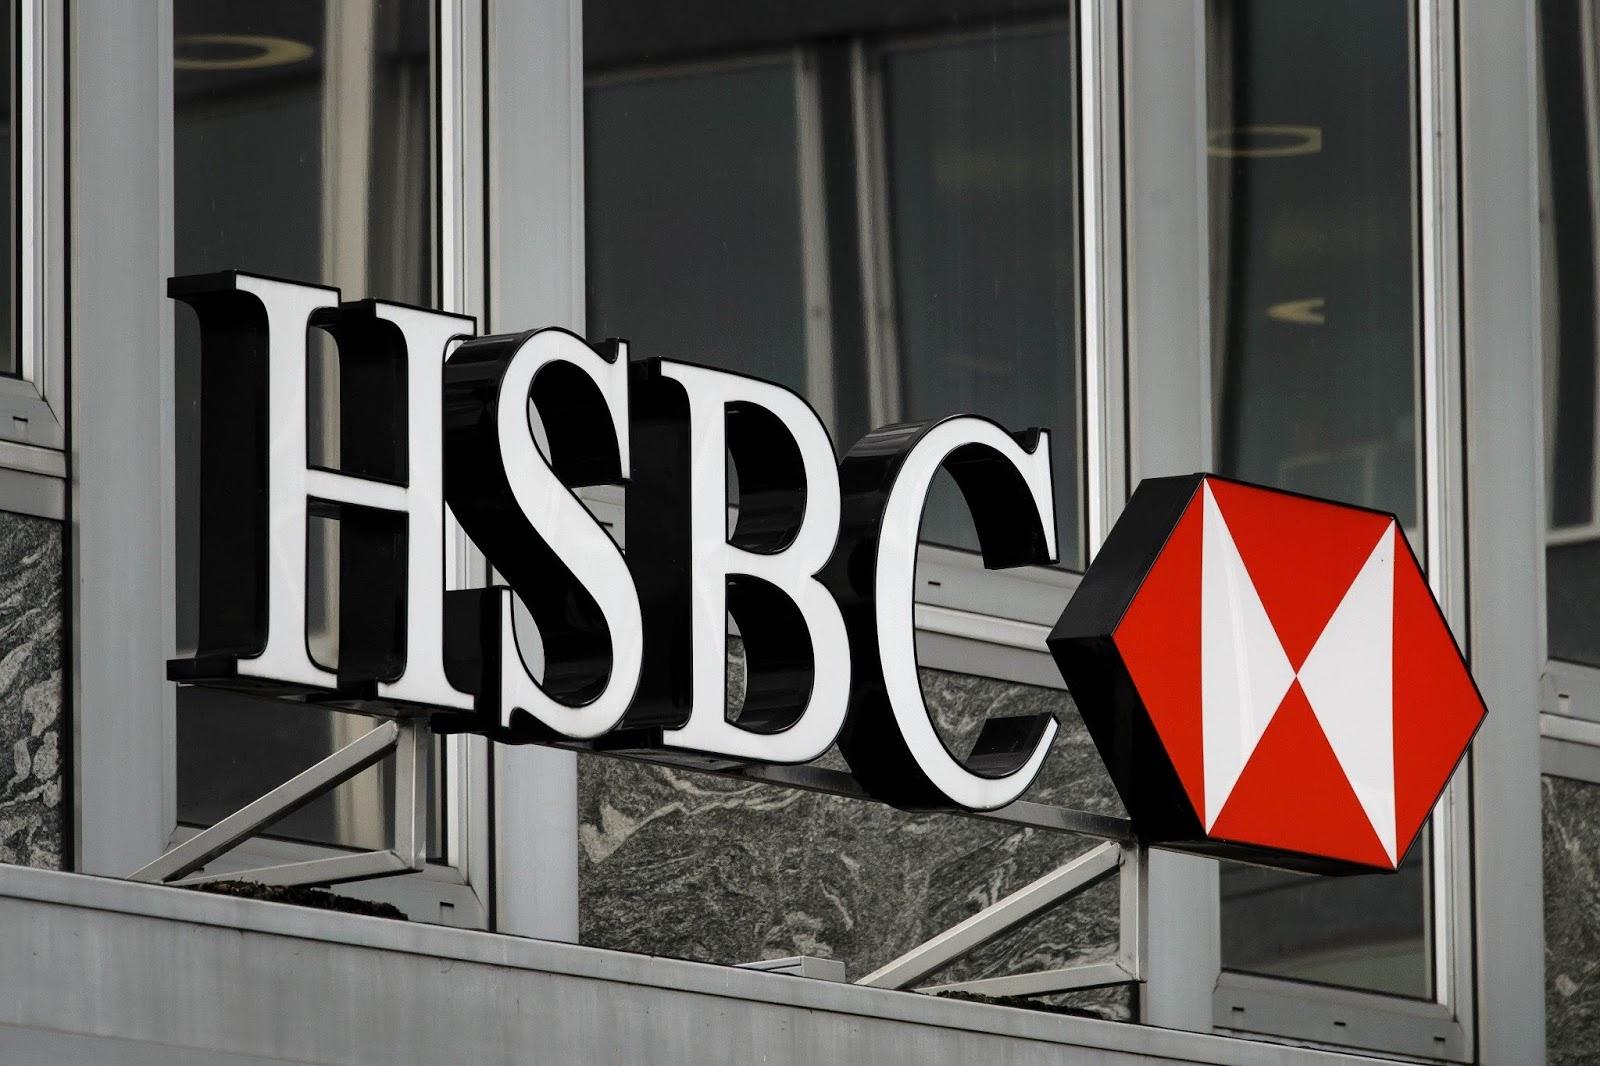 Actividades econ micas de inglaterra uk actividades economicas - Empresas en inglaterra ...